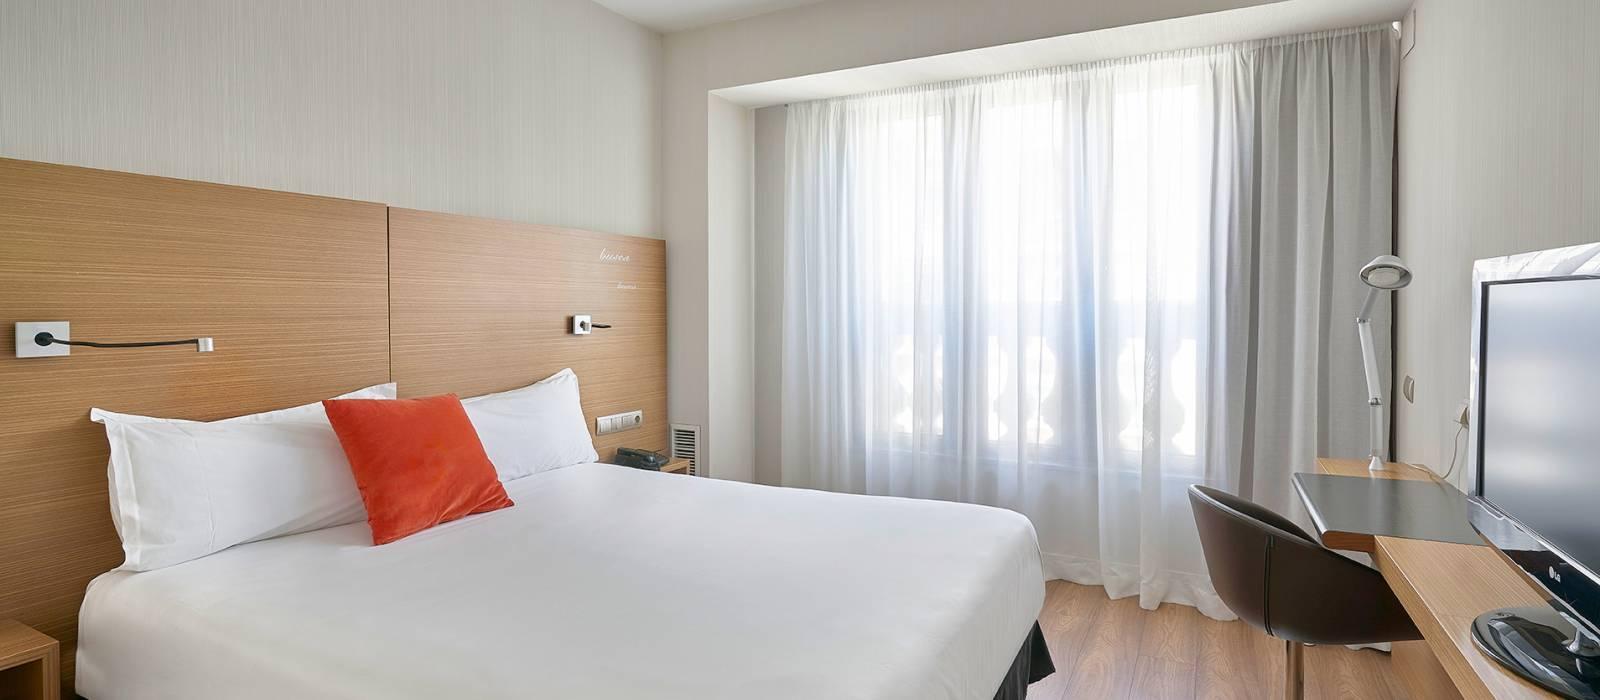 Doppelzimmer - Vincci Zaragoza Zentro 4*